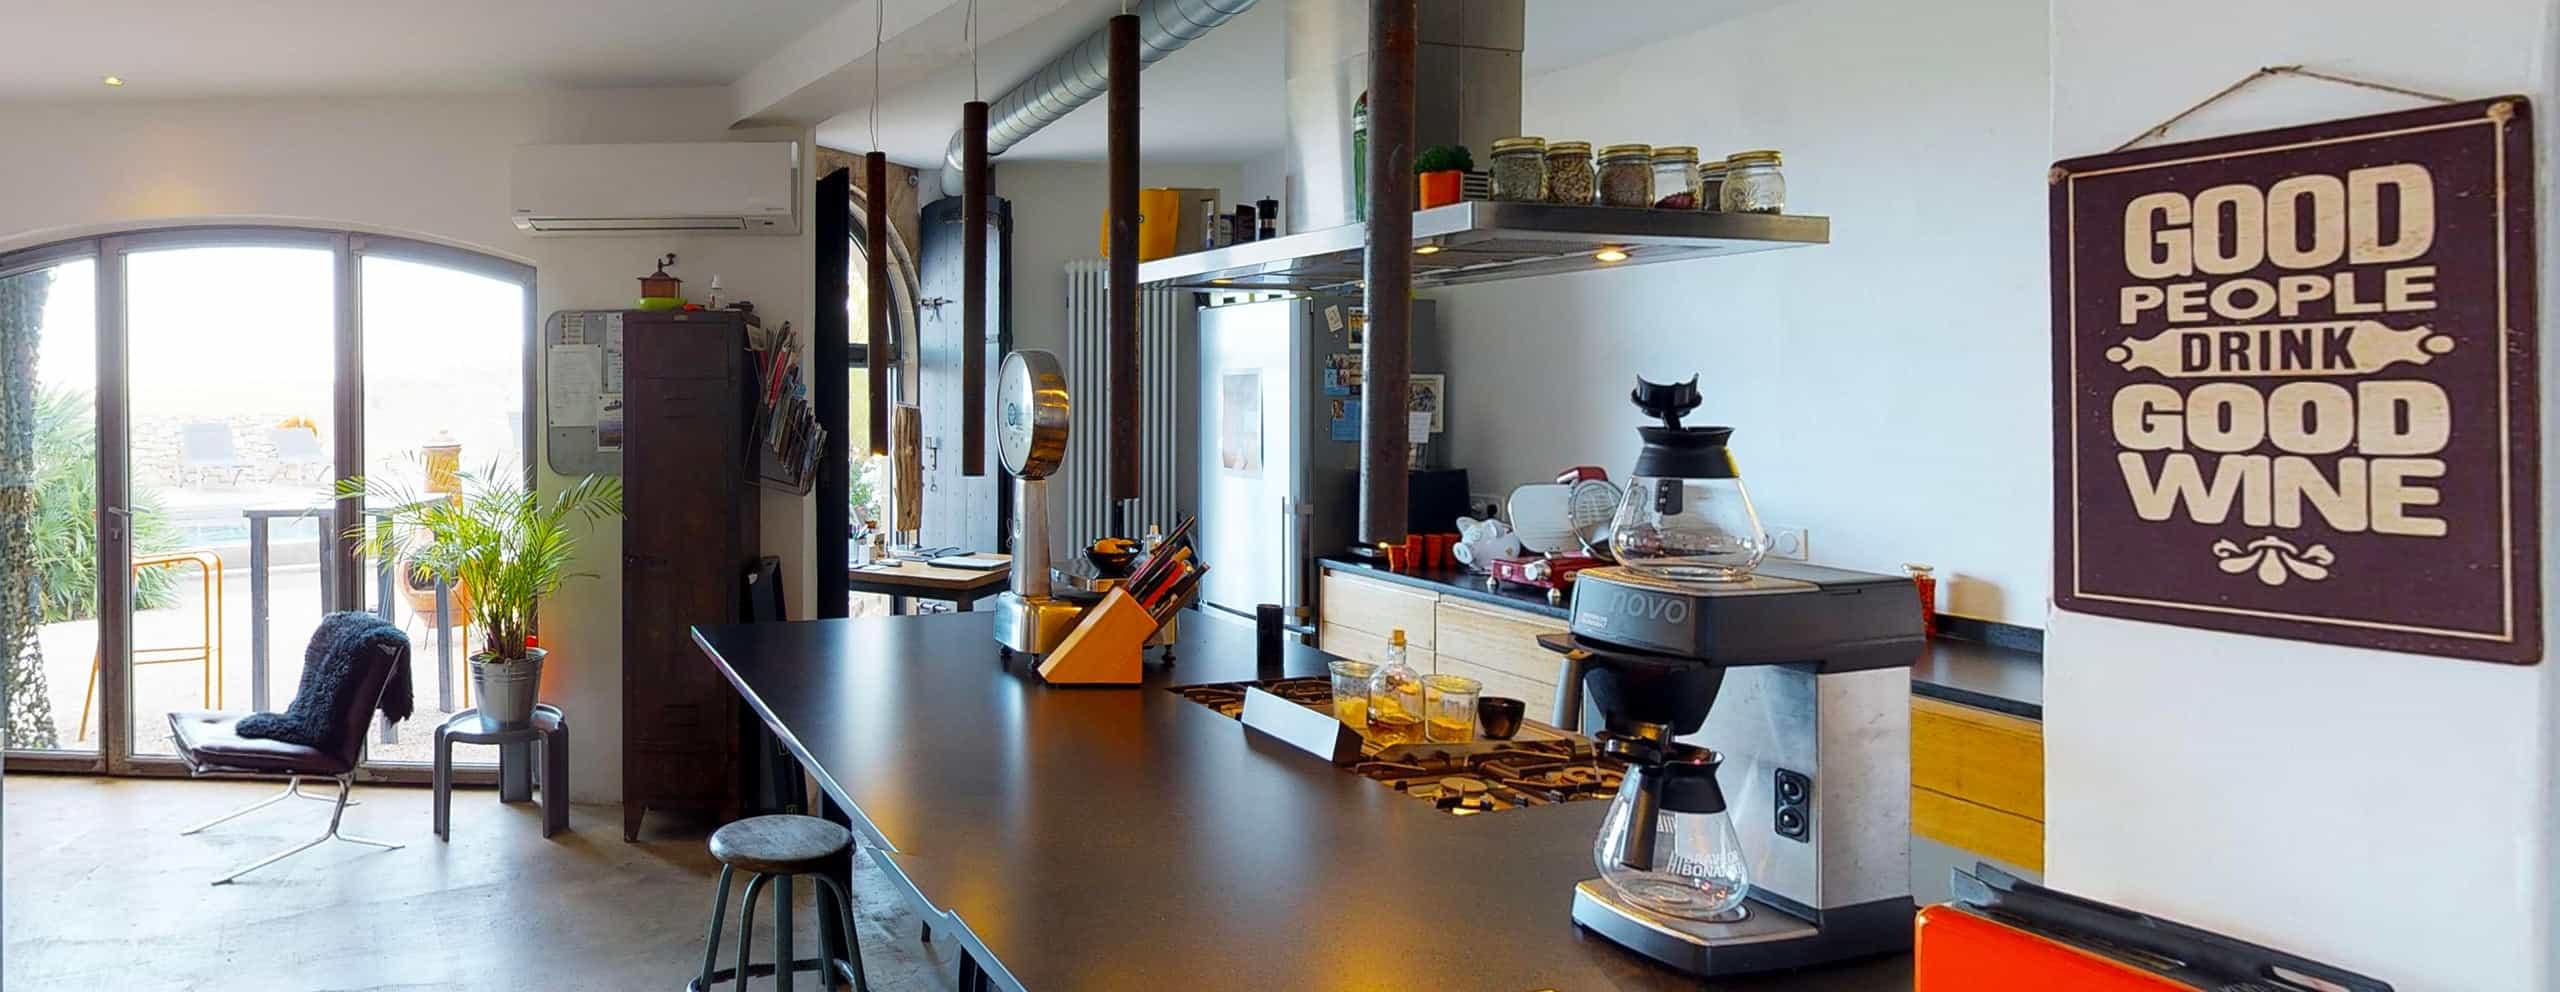 Cuisine de la table d'hôte du Metafort dans le Luberon